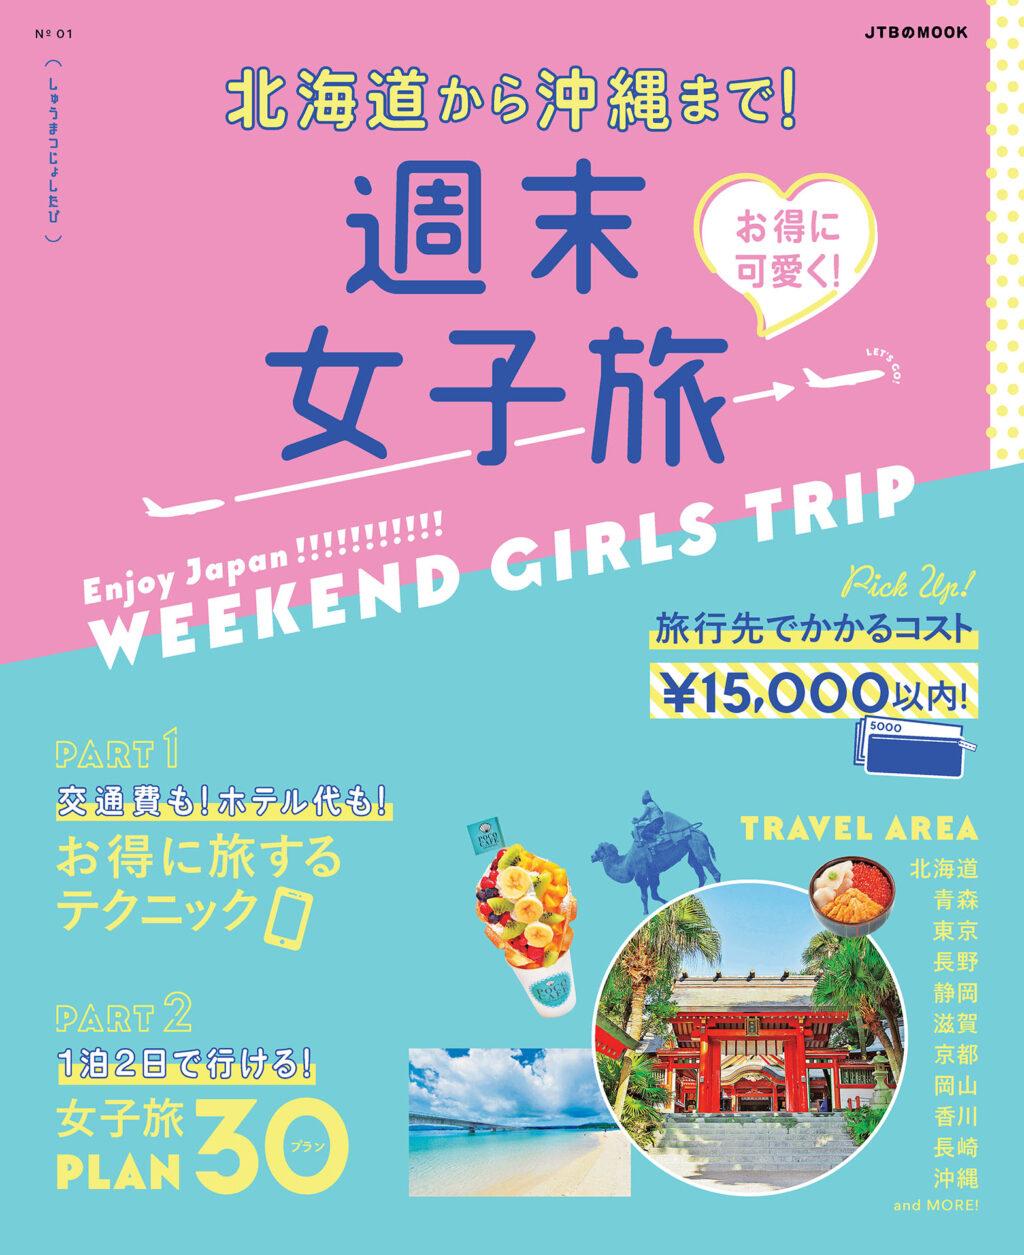 北海道から沖縄まで!お得に可愛く!週末女子旅(JTBのMOOK)